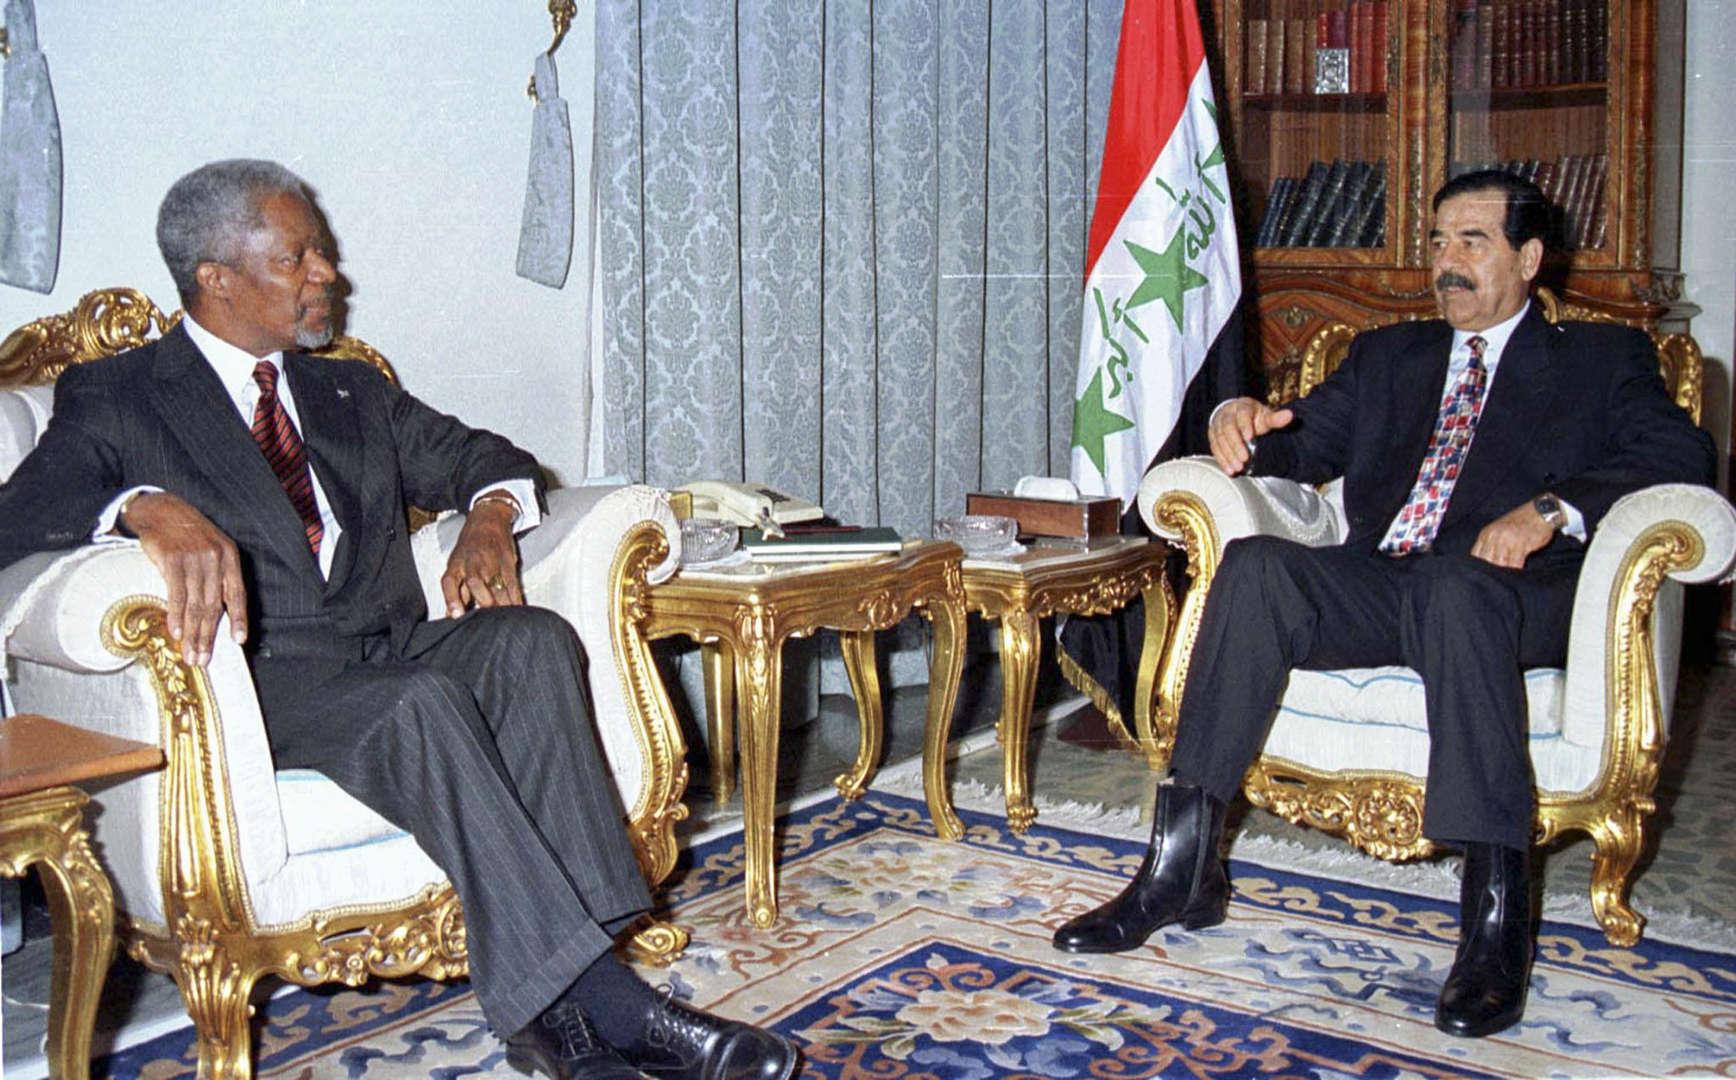 Memorable photos of Kofi Annan